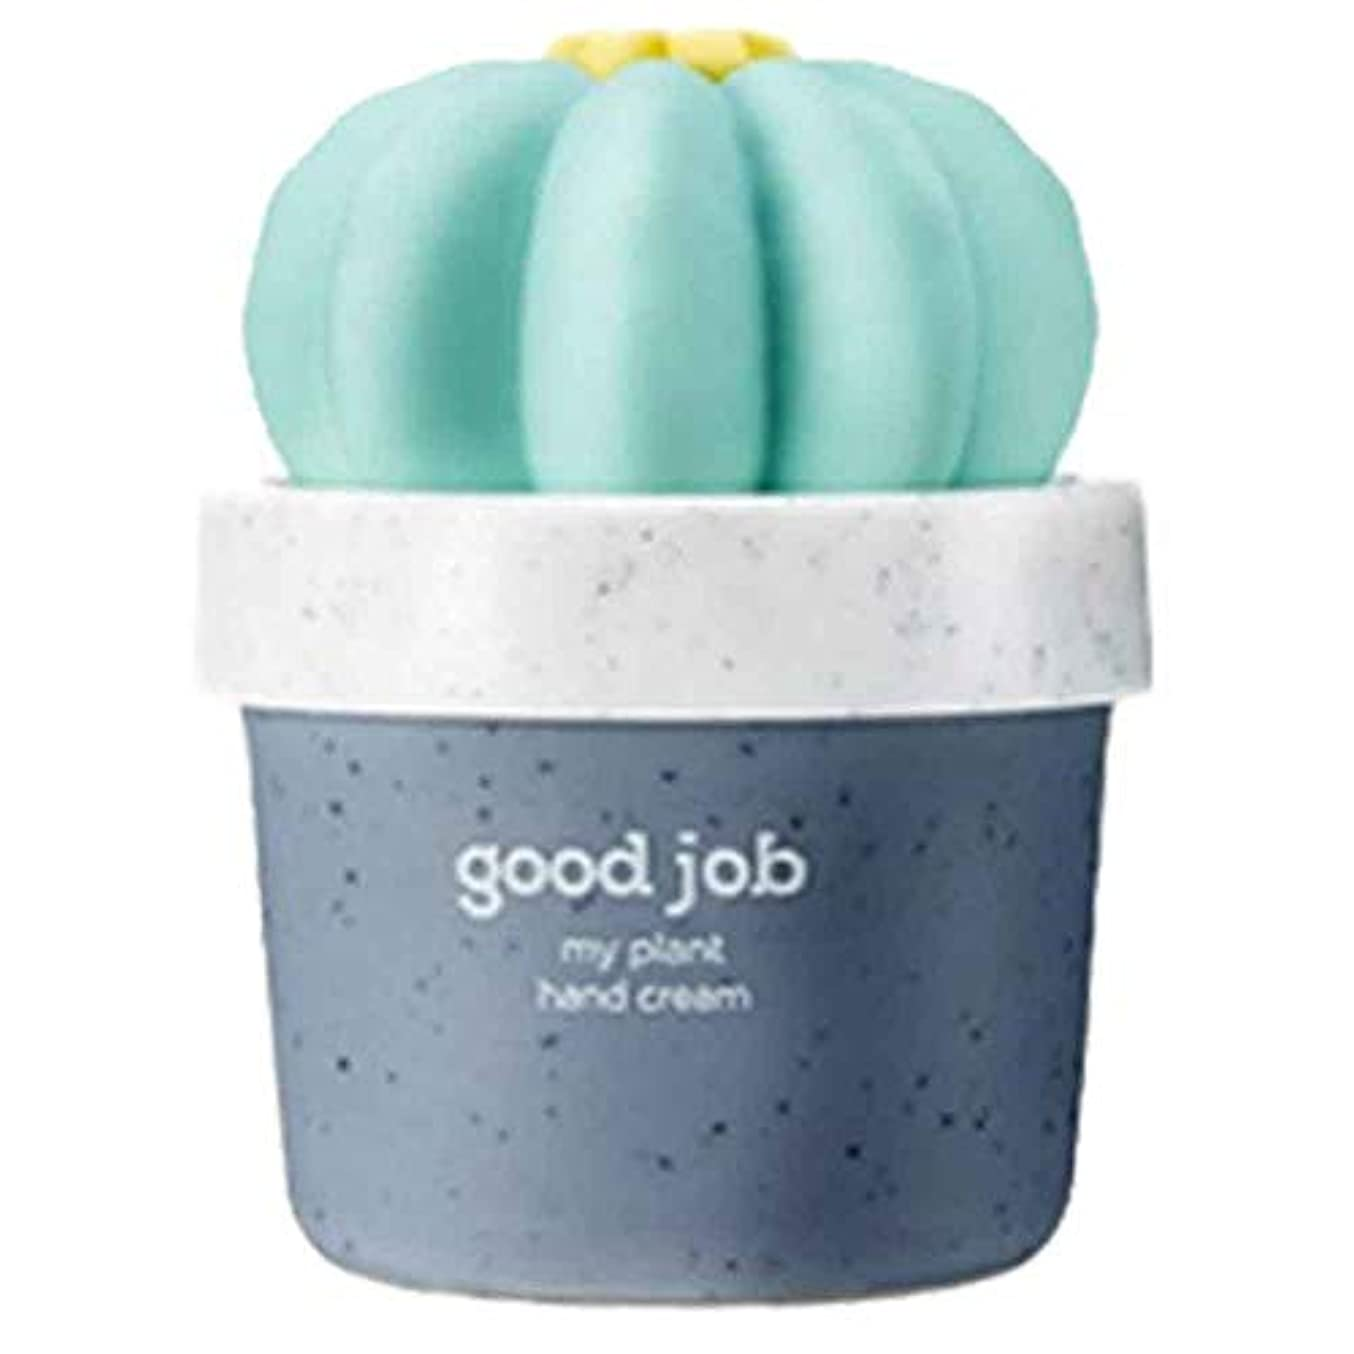 白菜法律により二次[THE FACE SHOP] ザフェイスショップ ミニサボテン 鉢植えハンドクリーム #02 Good Job 30ml